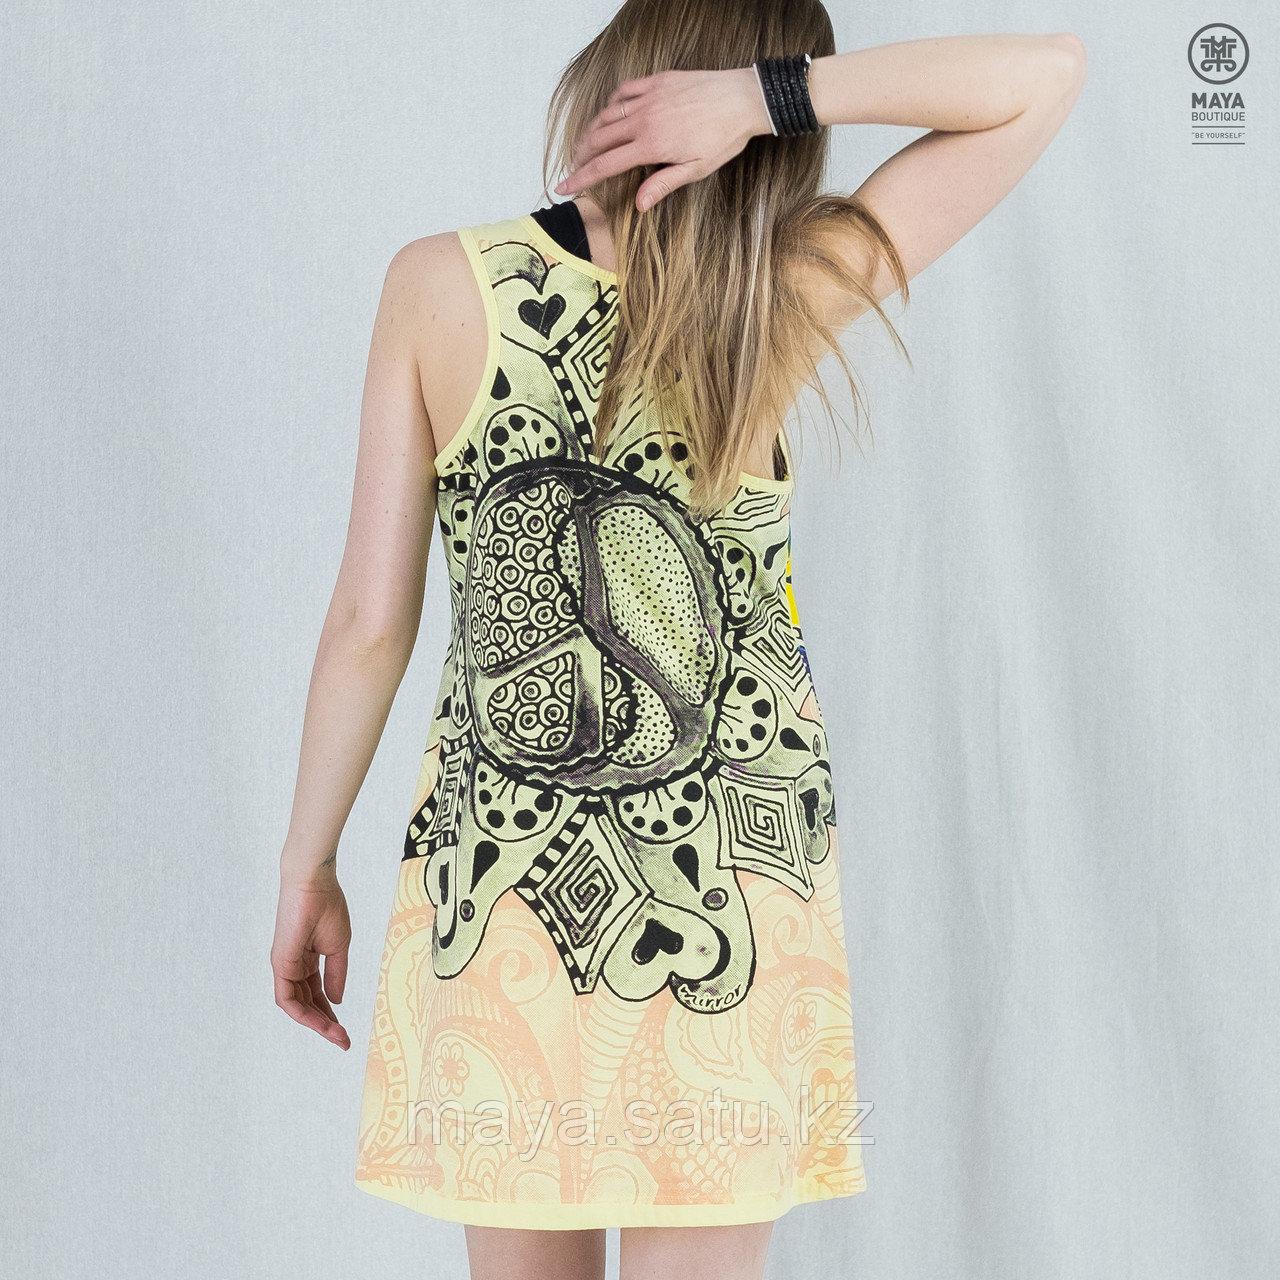 Платье-туника Mirror с принтом Пацифика - фото 2